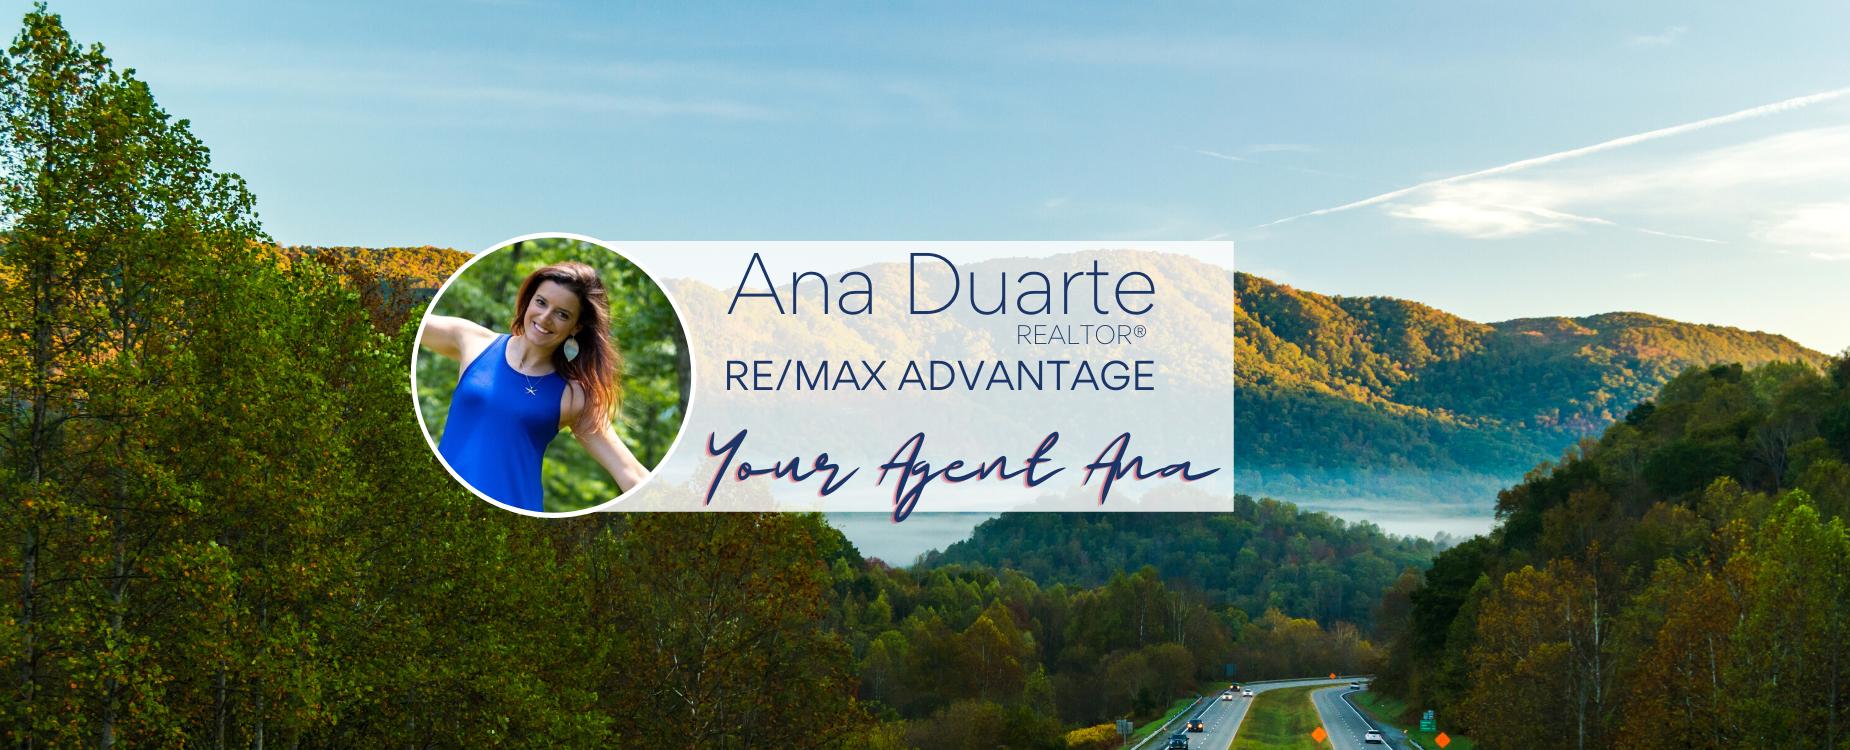 Ana Duarte - RE/MAX VA 2